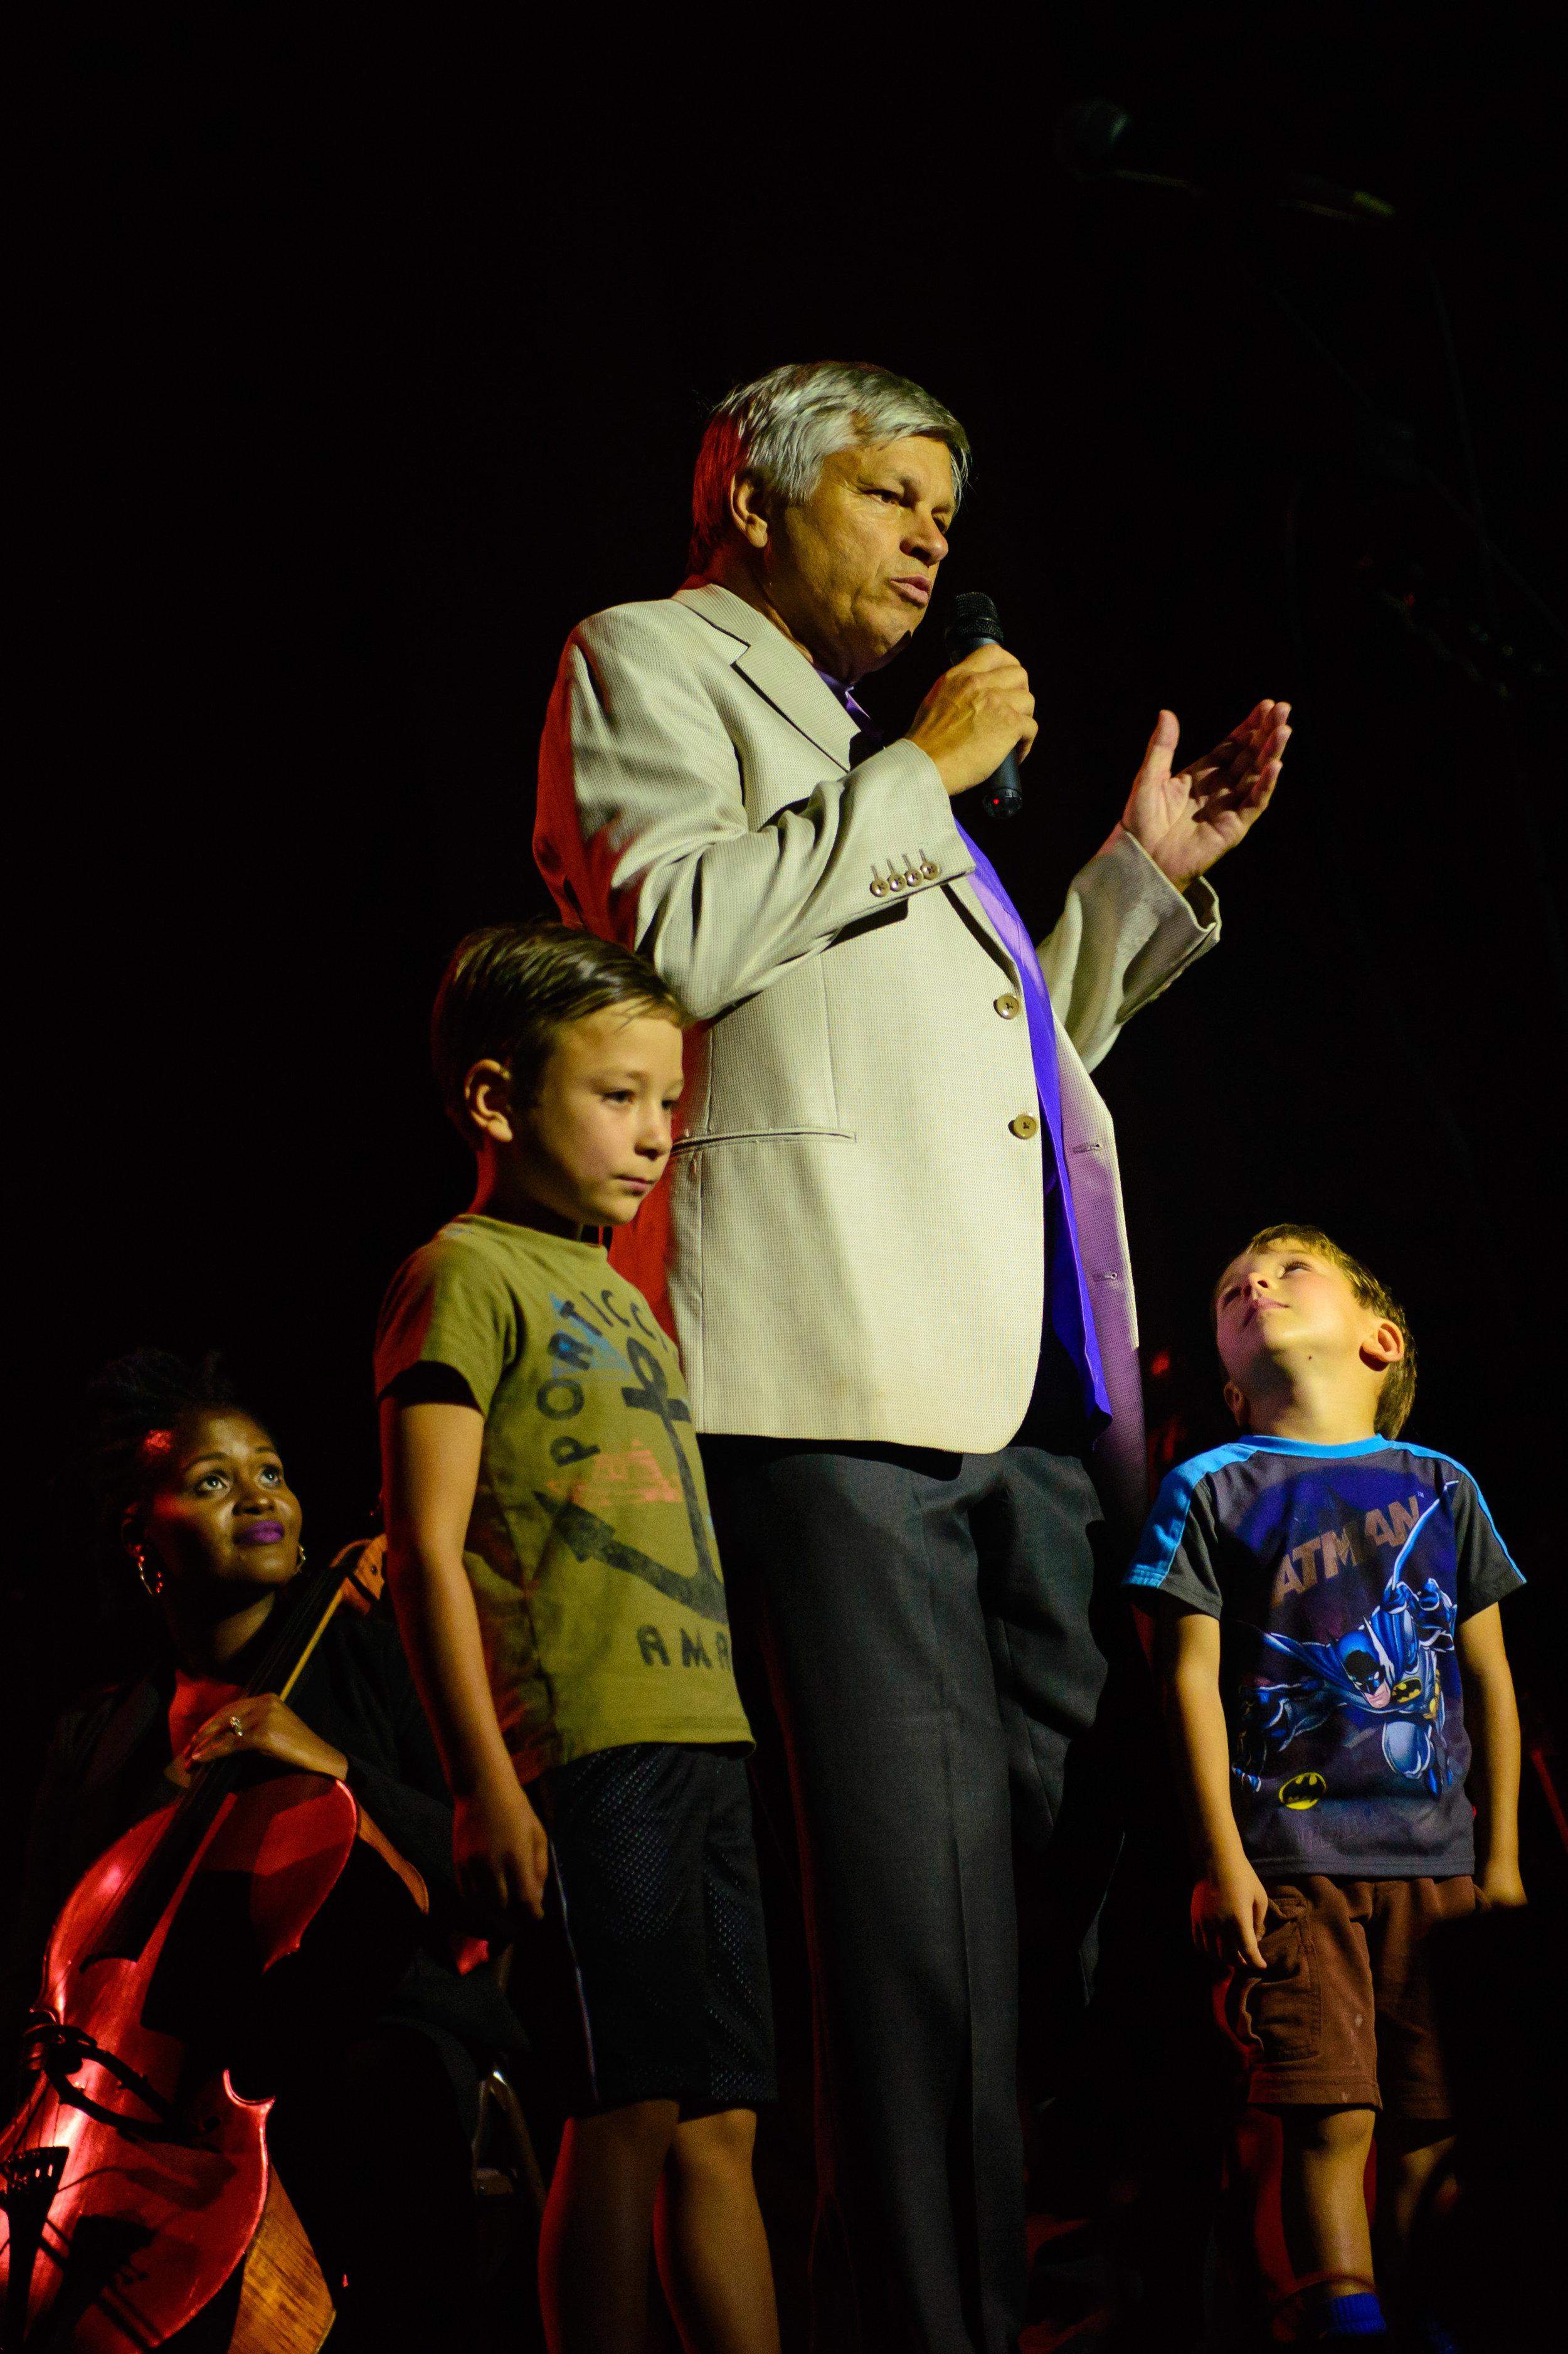 Joe Brown: MC mentorship, Photo Credit:  http://www.spontaneousbeauty.com